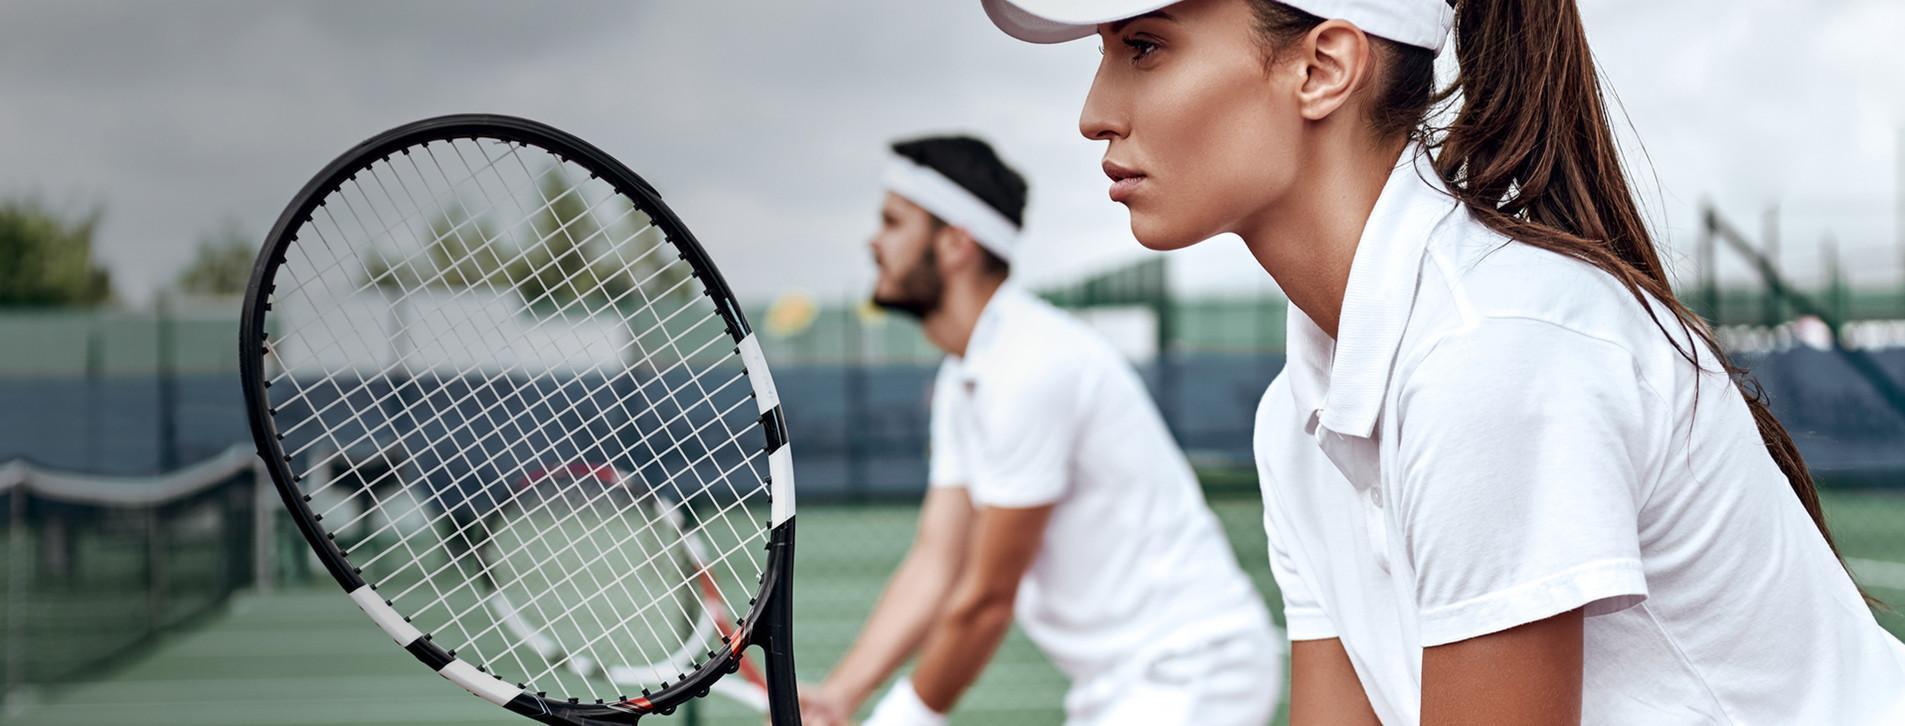 Фото - Мастер-класс большого тенниса для двоих